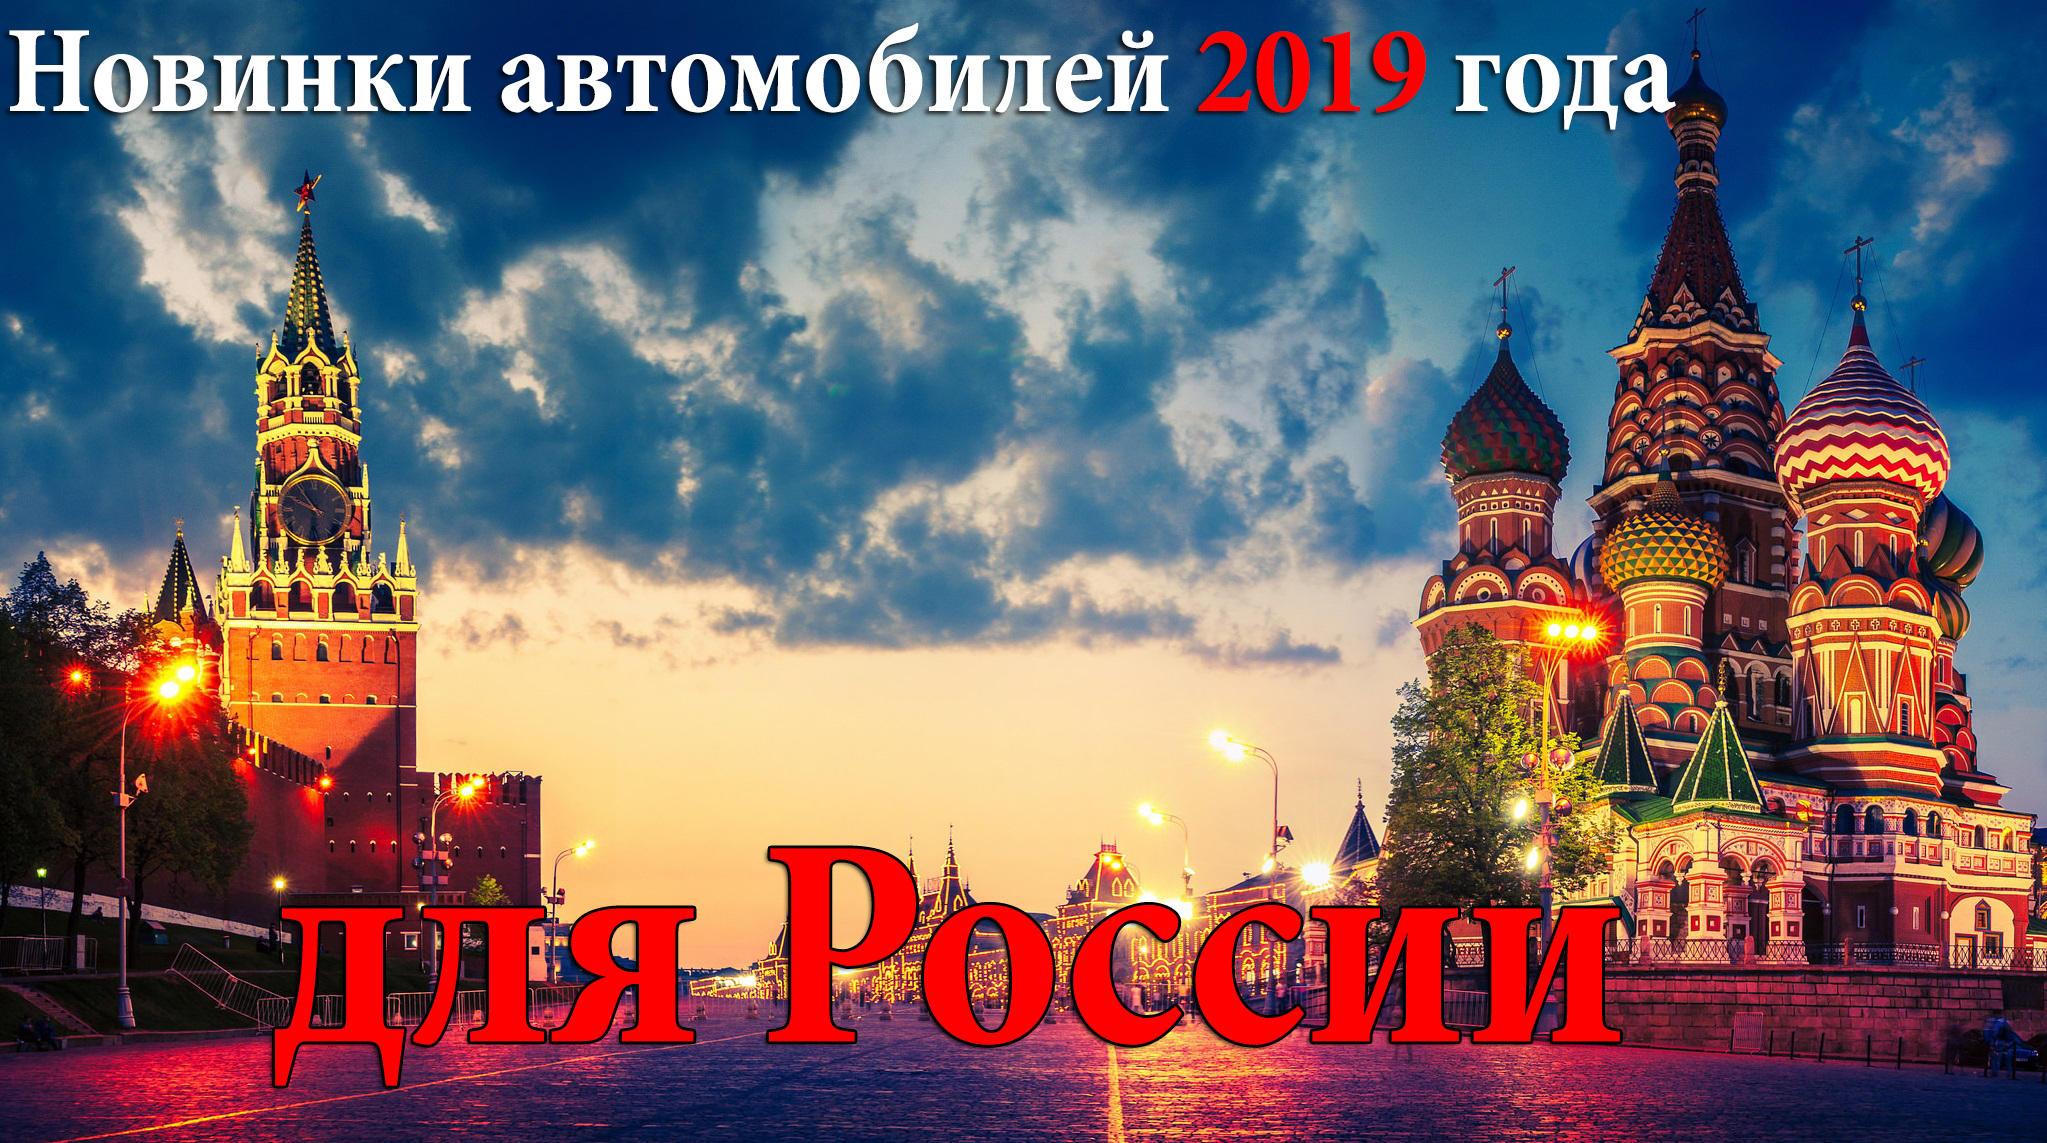 Эти автомобили появятся в России в 2019 году